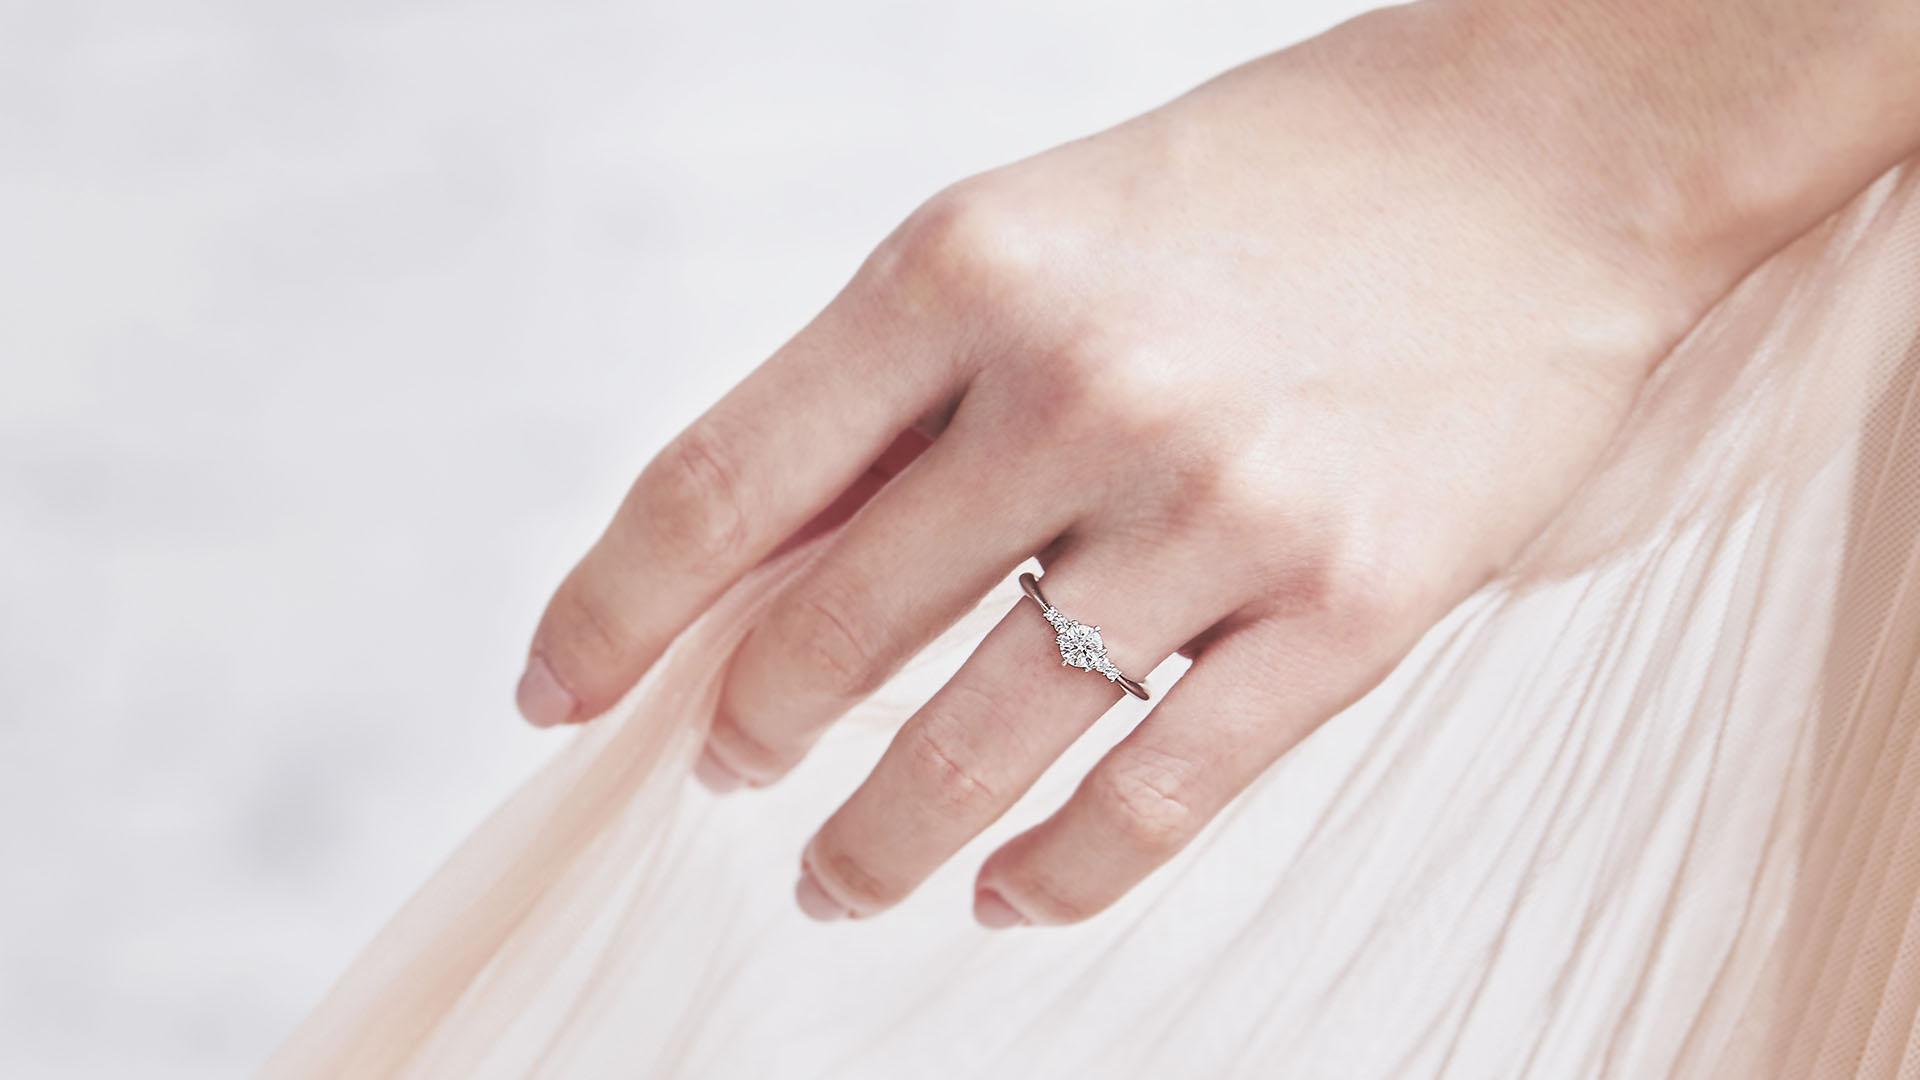 orion オリオン | 婚約指輪サムネイル 4